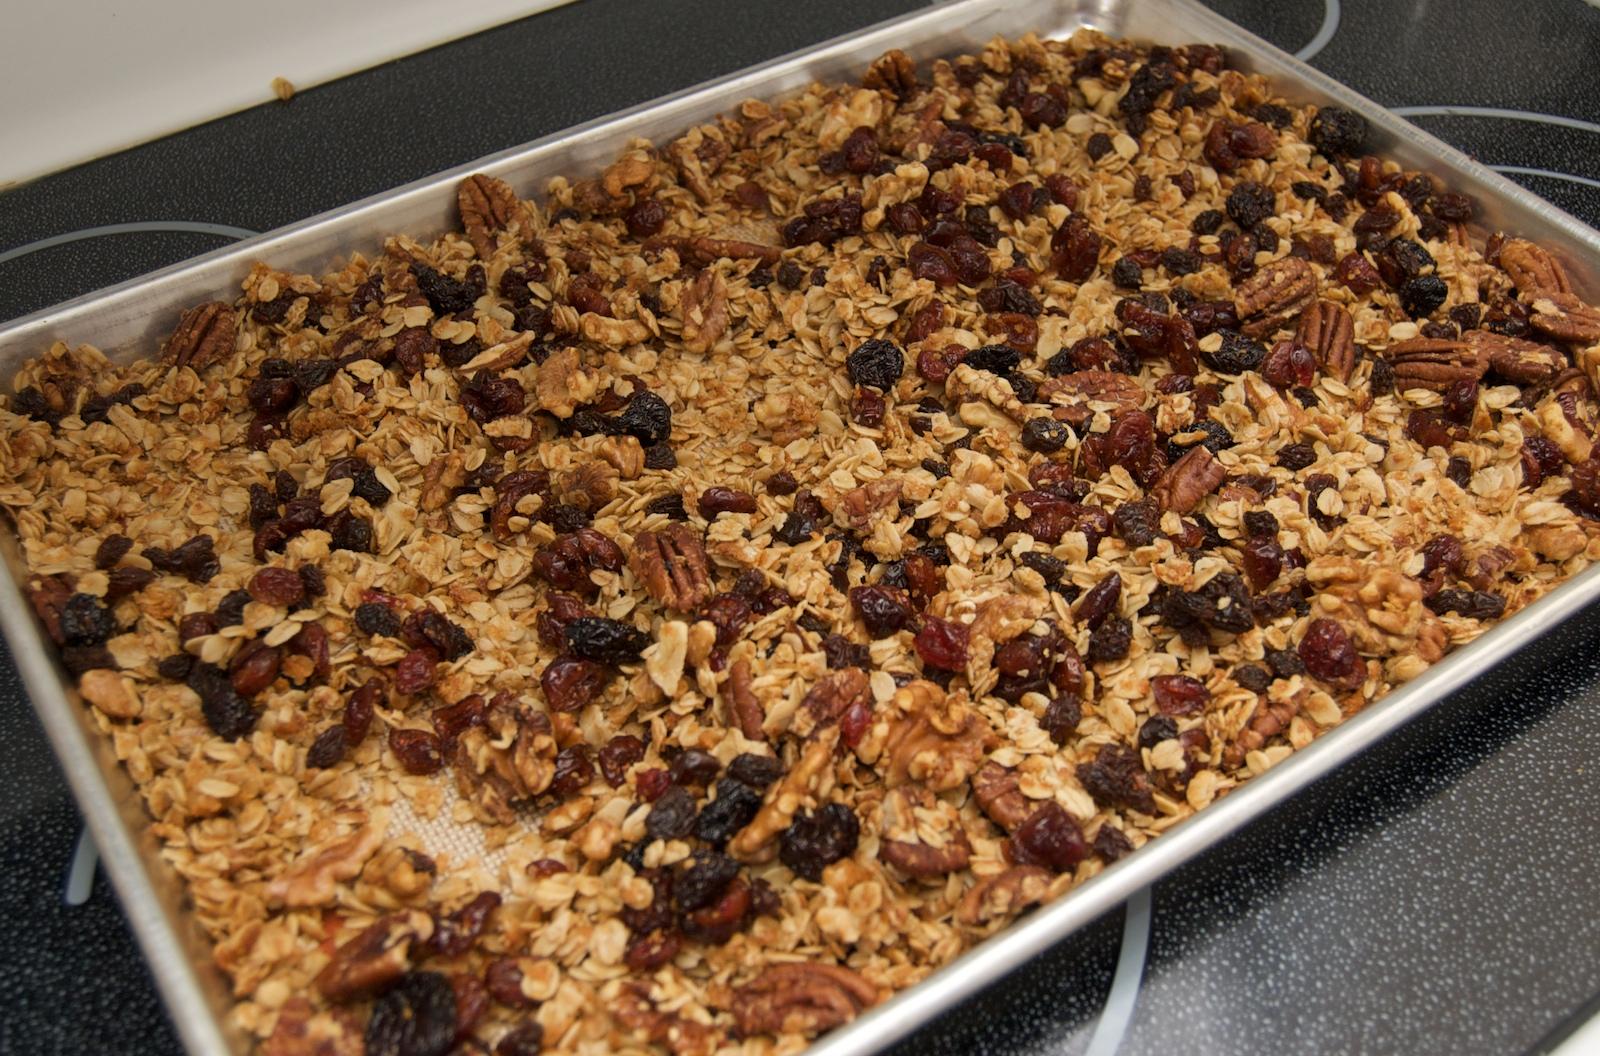 http://blog.rickk.com/food/2010/03/05/granola1.jpg